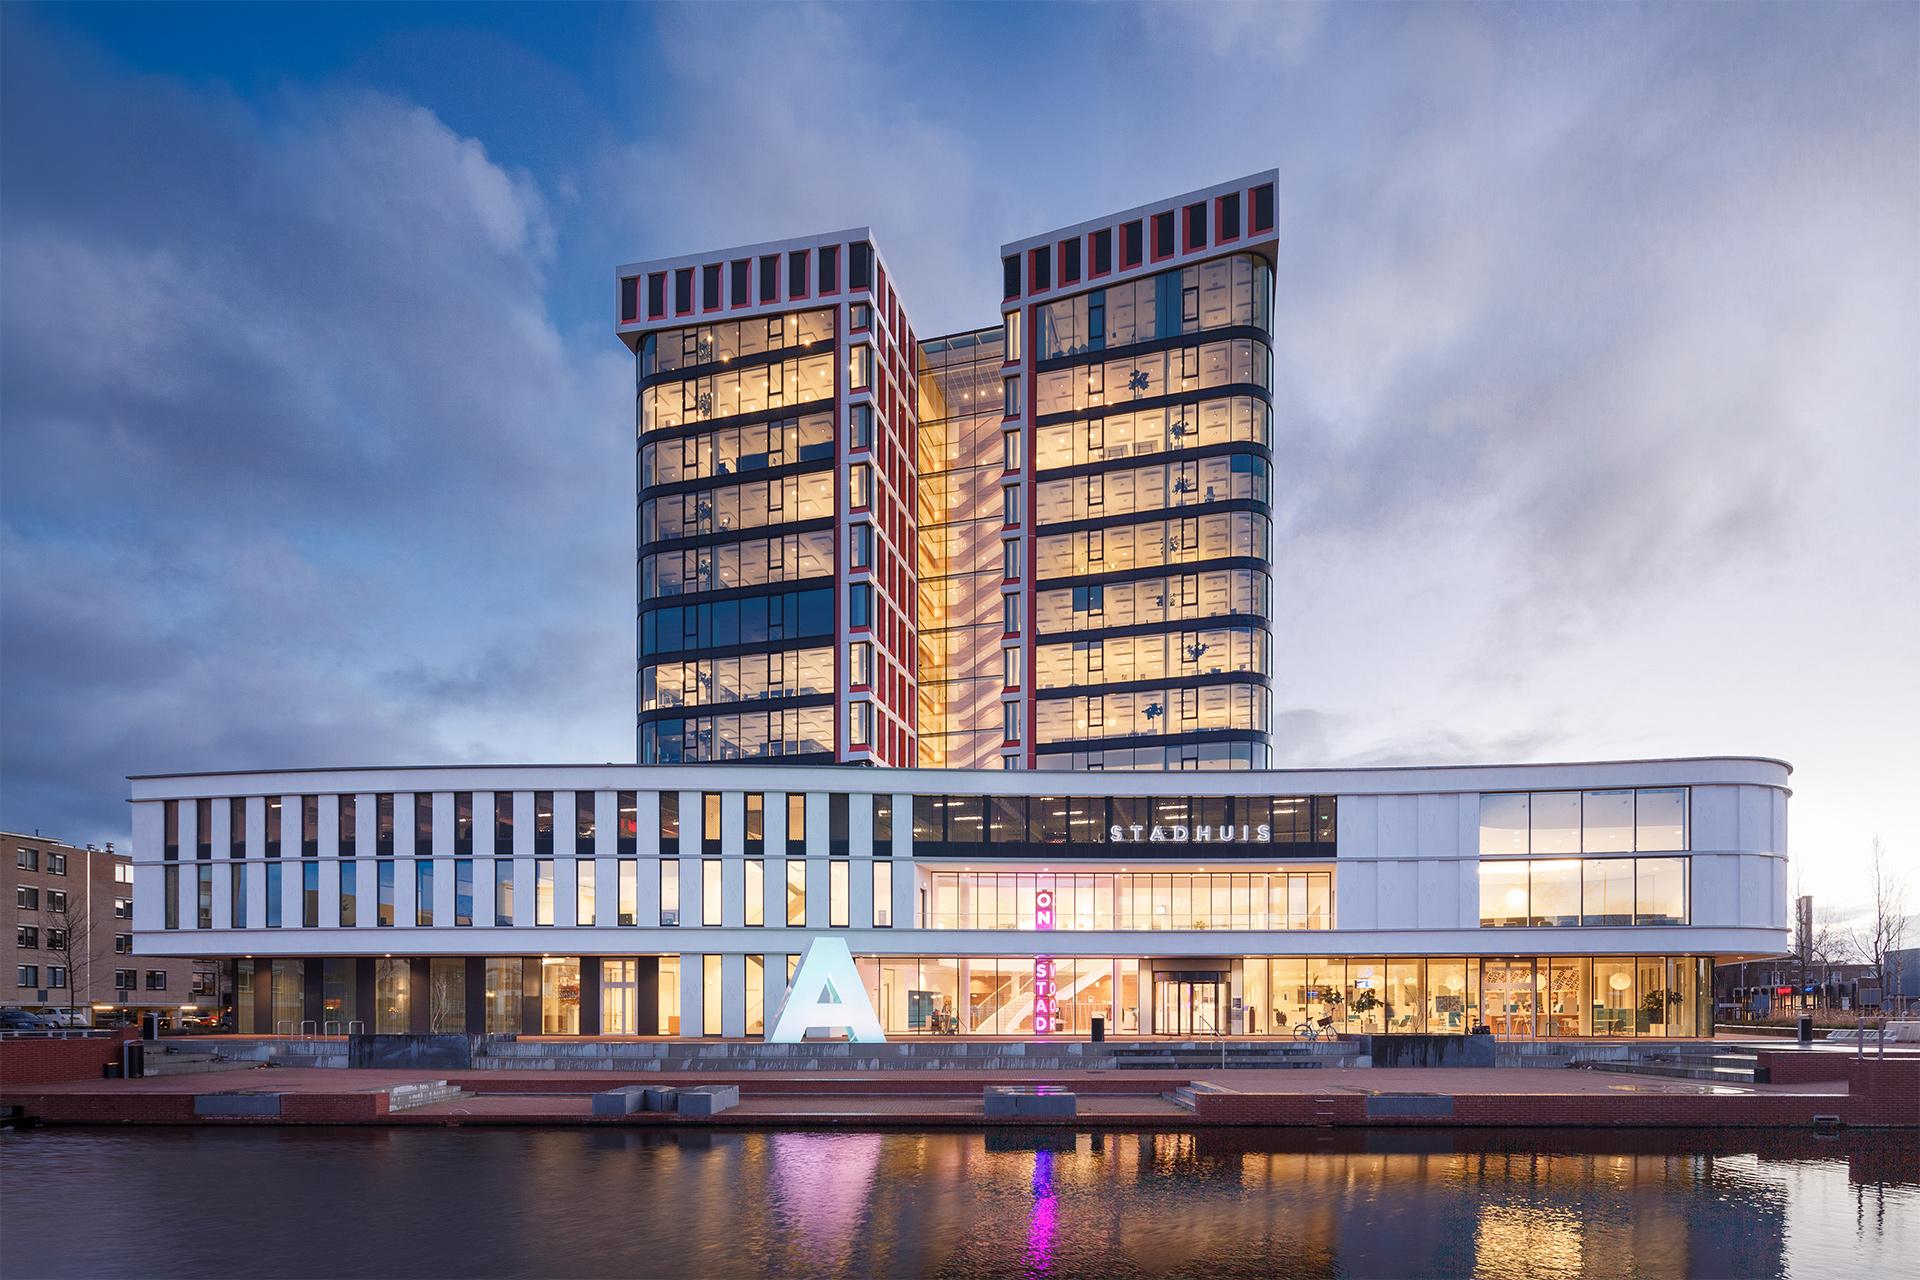 SP-Stadhuis-Almelo-avond-2